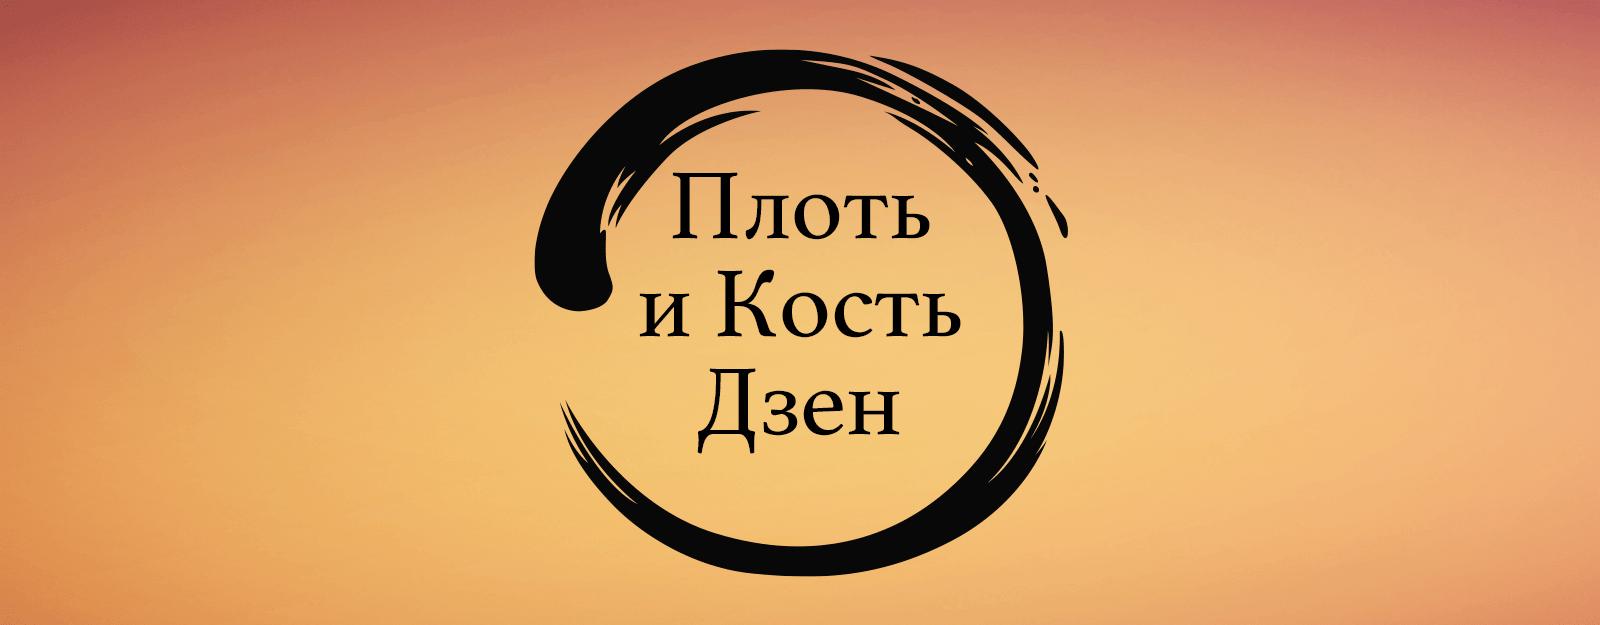 Плоть и кость Дзен. 101 Дзенская история